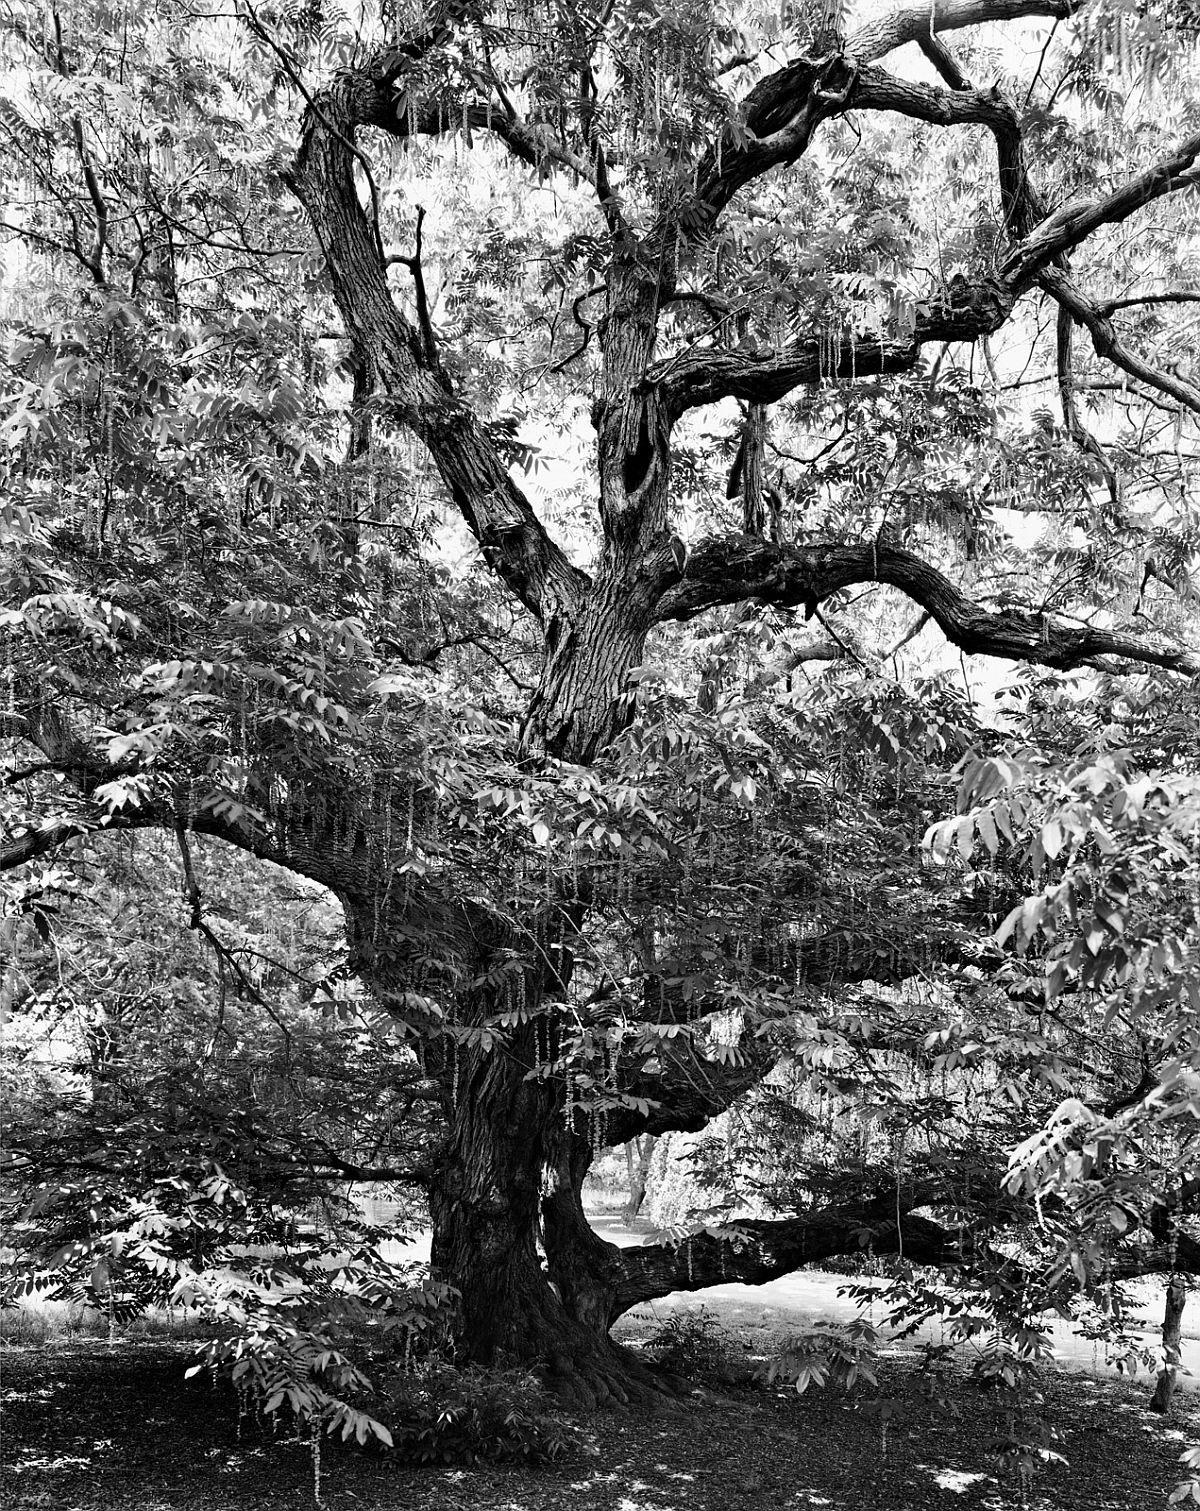 © Mitch Epstein: New York Arbor